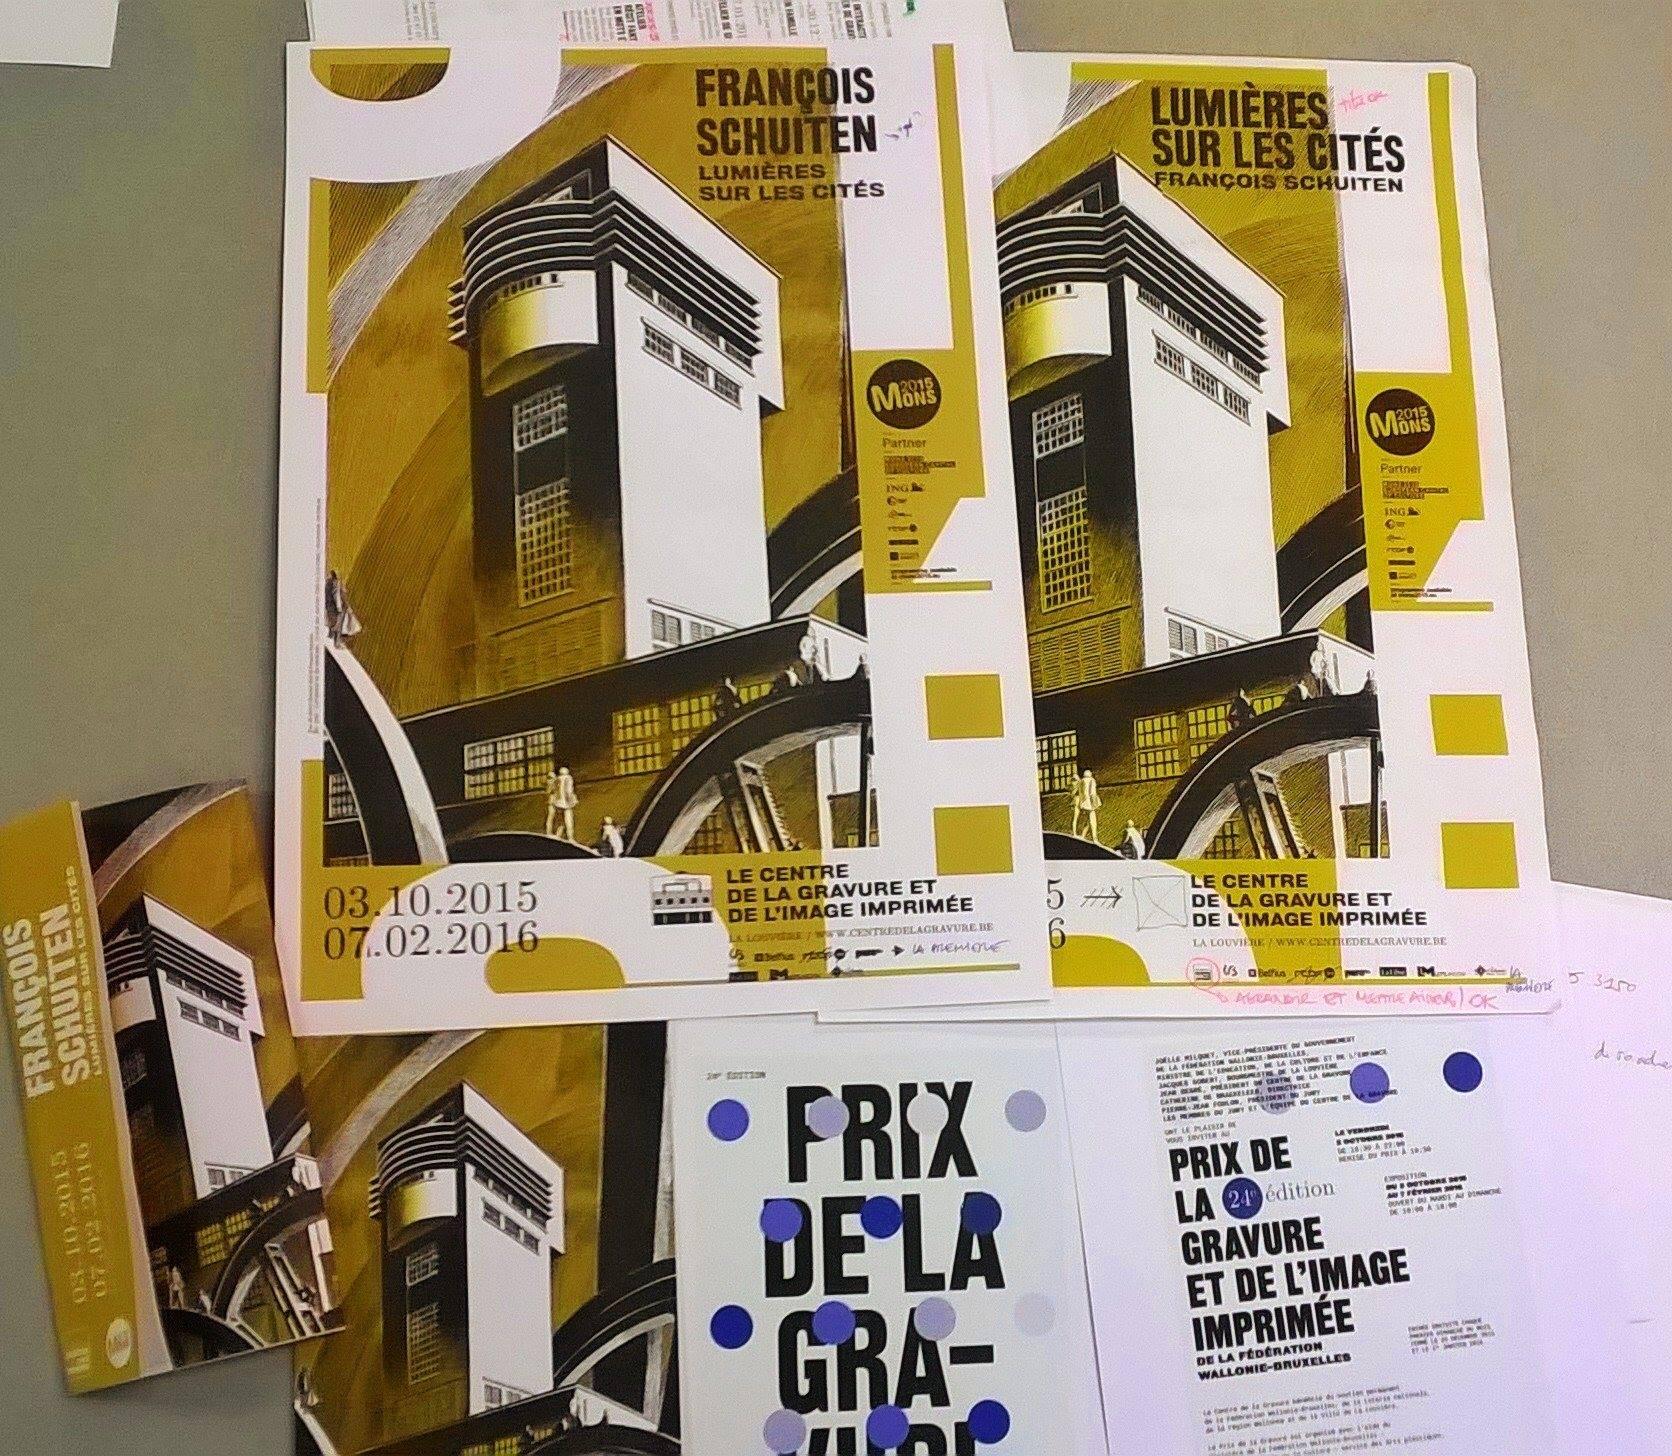 Tryout of leaflets of Lumières sur les Cités